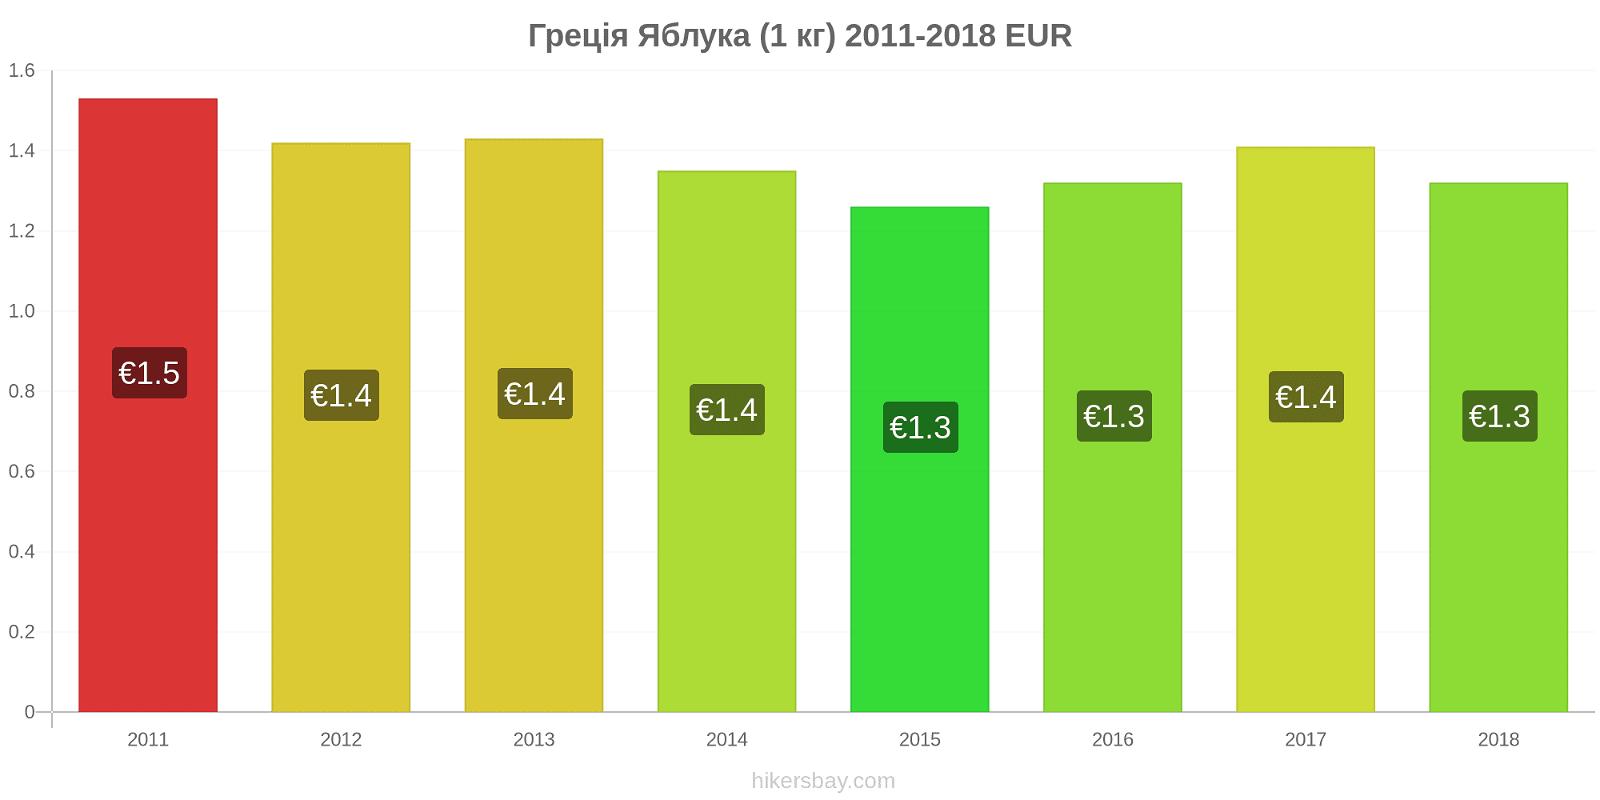 Греція зміни цін Яблука (1 кг) hikersbay.com